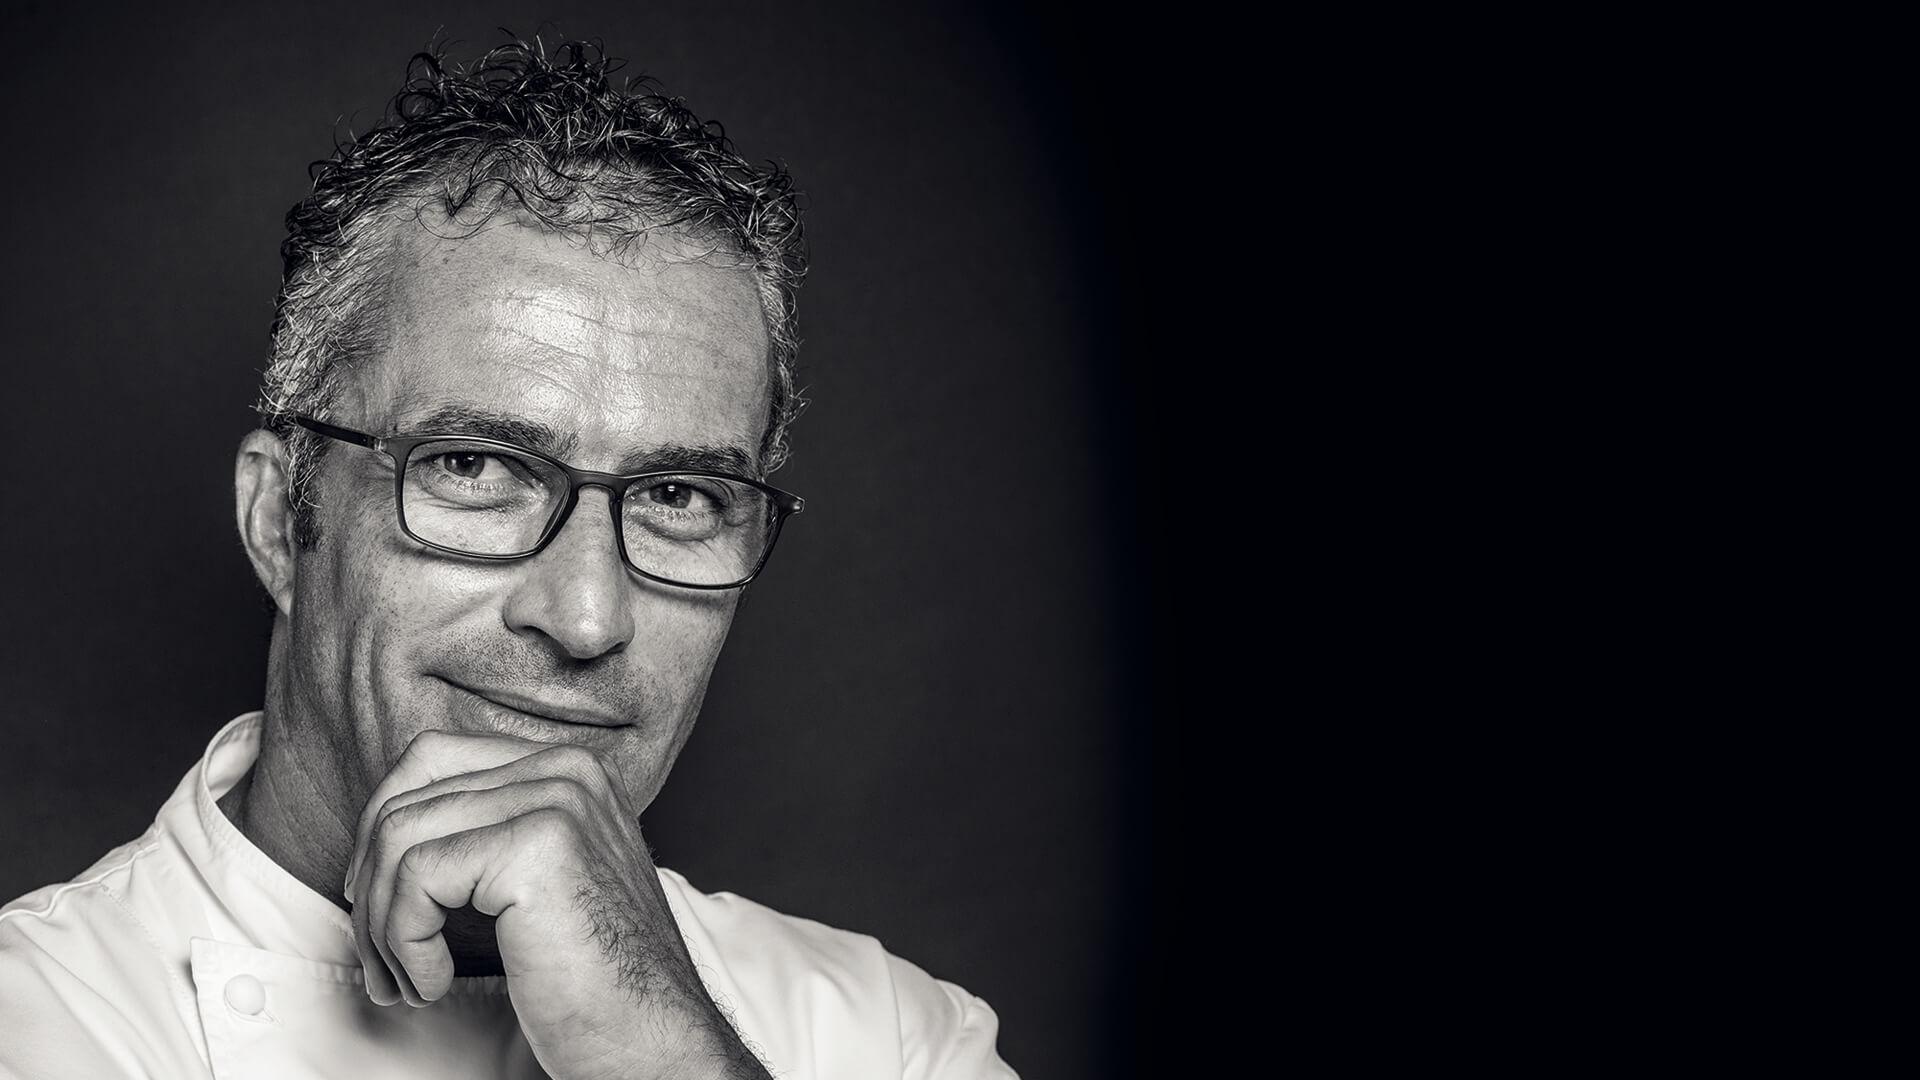 Lorenzo Albrici